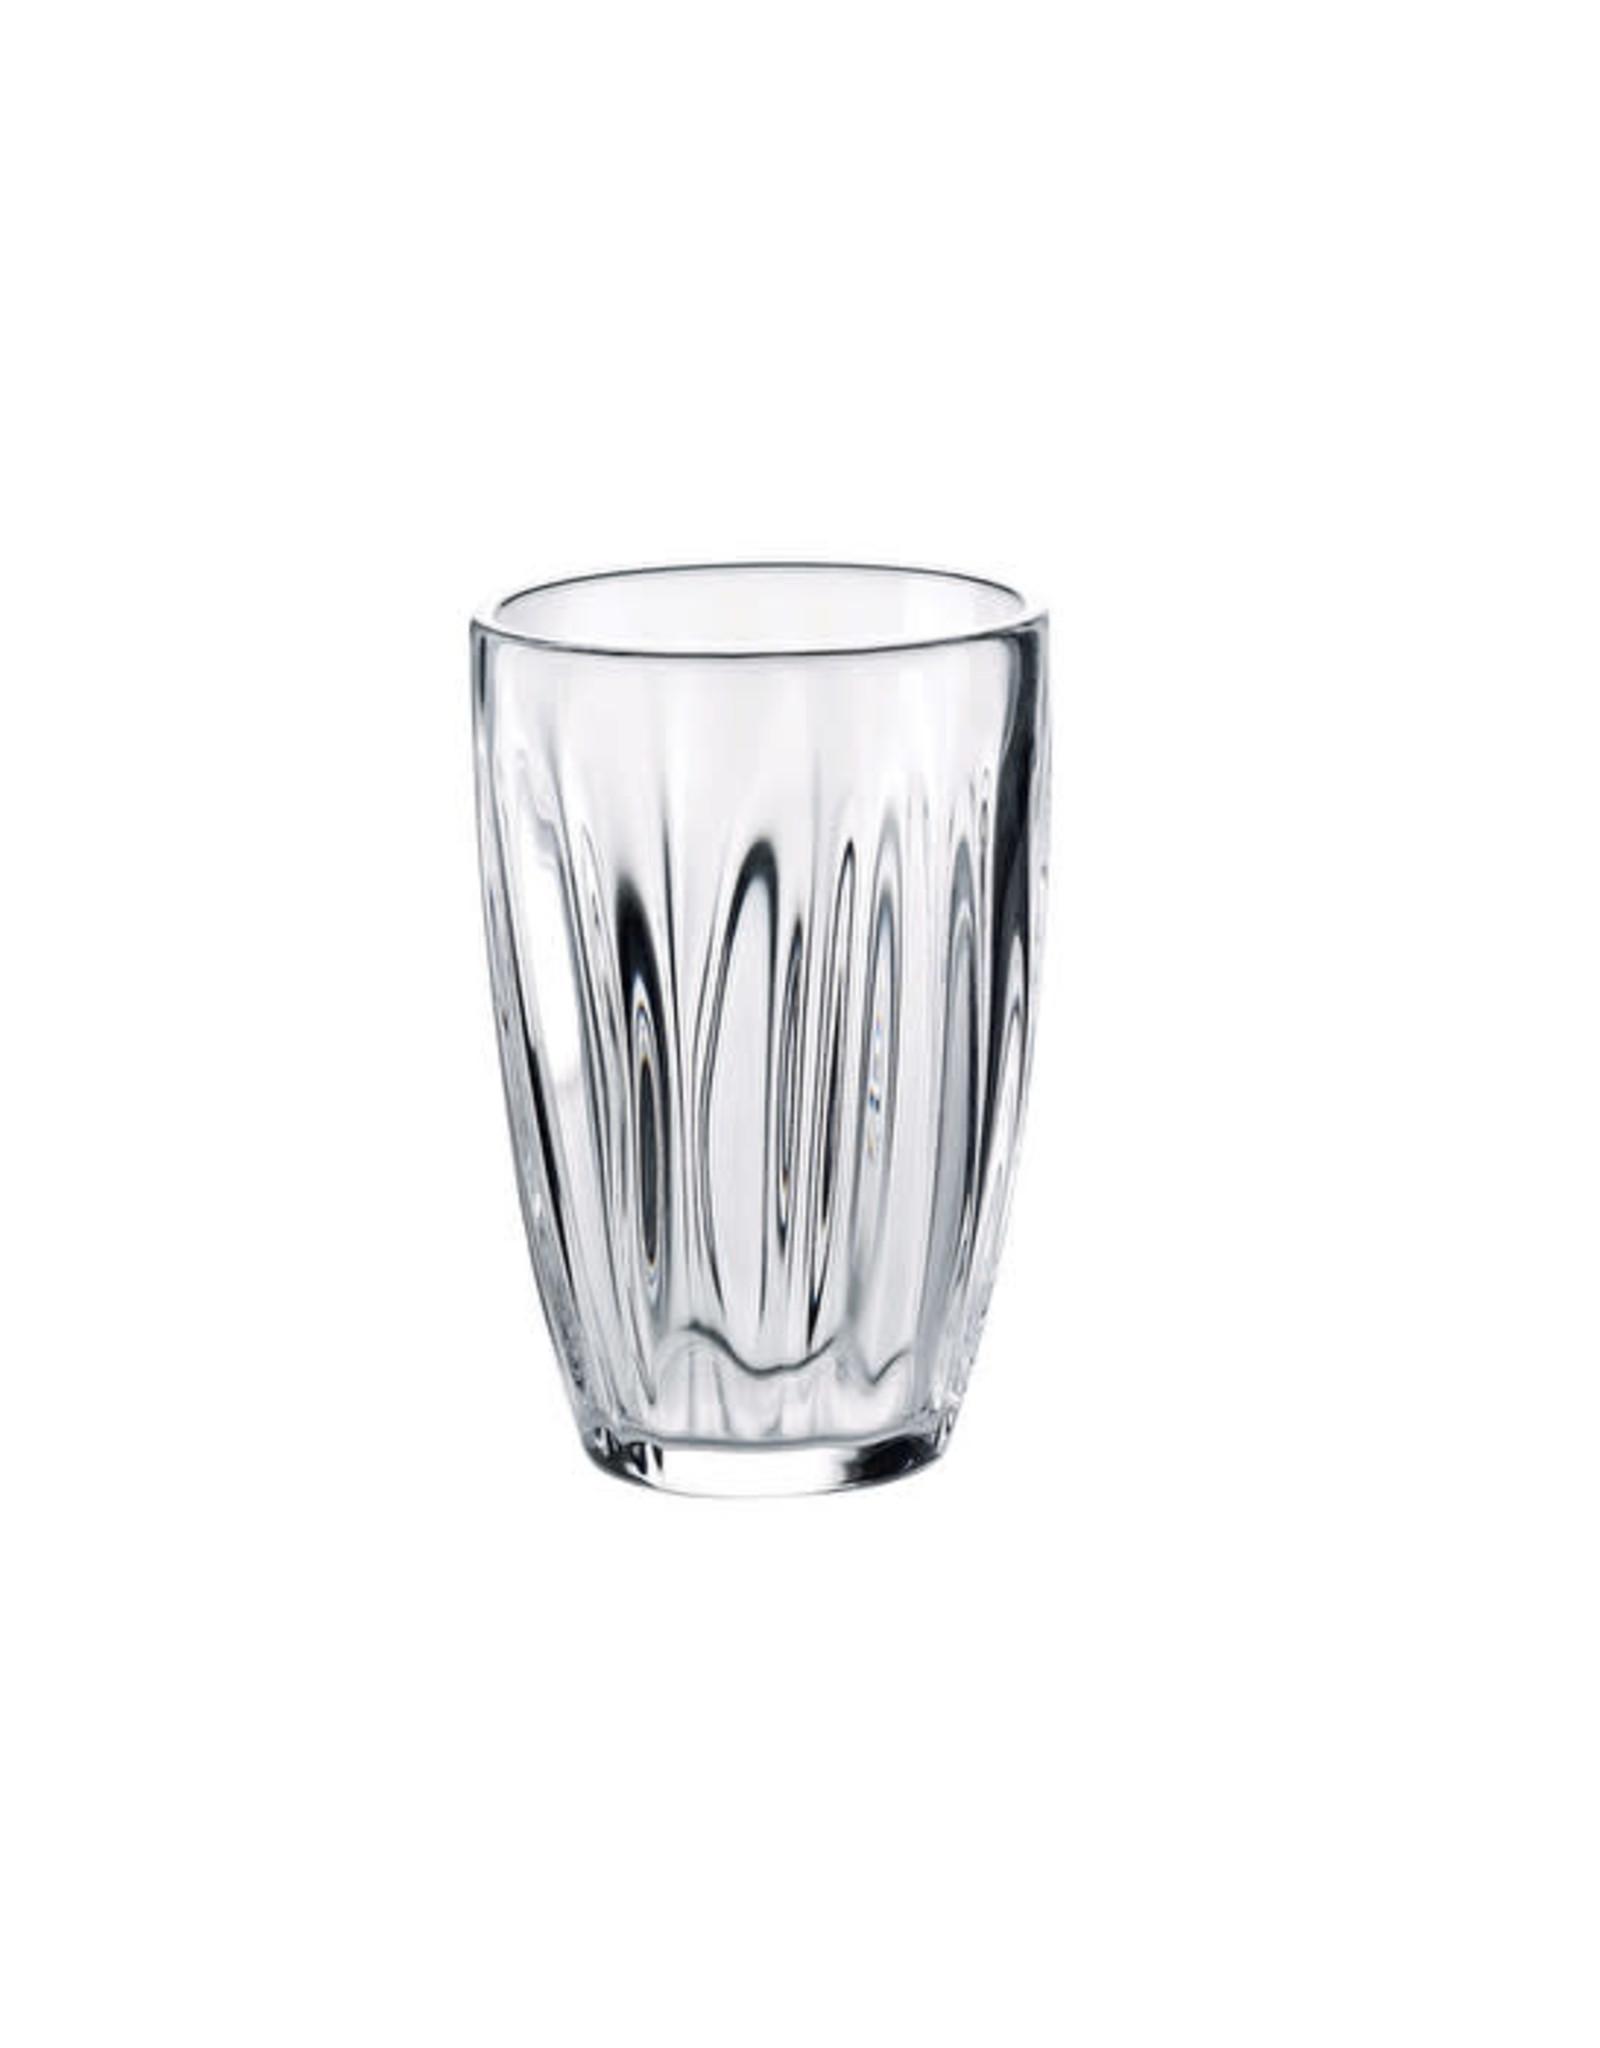 Guzzini Aqua Tumbler 15.5 oz  Clear